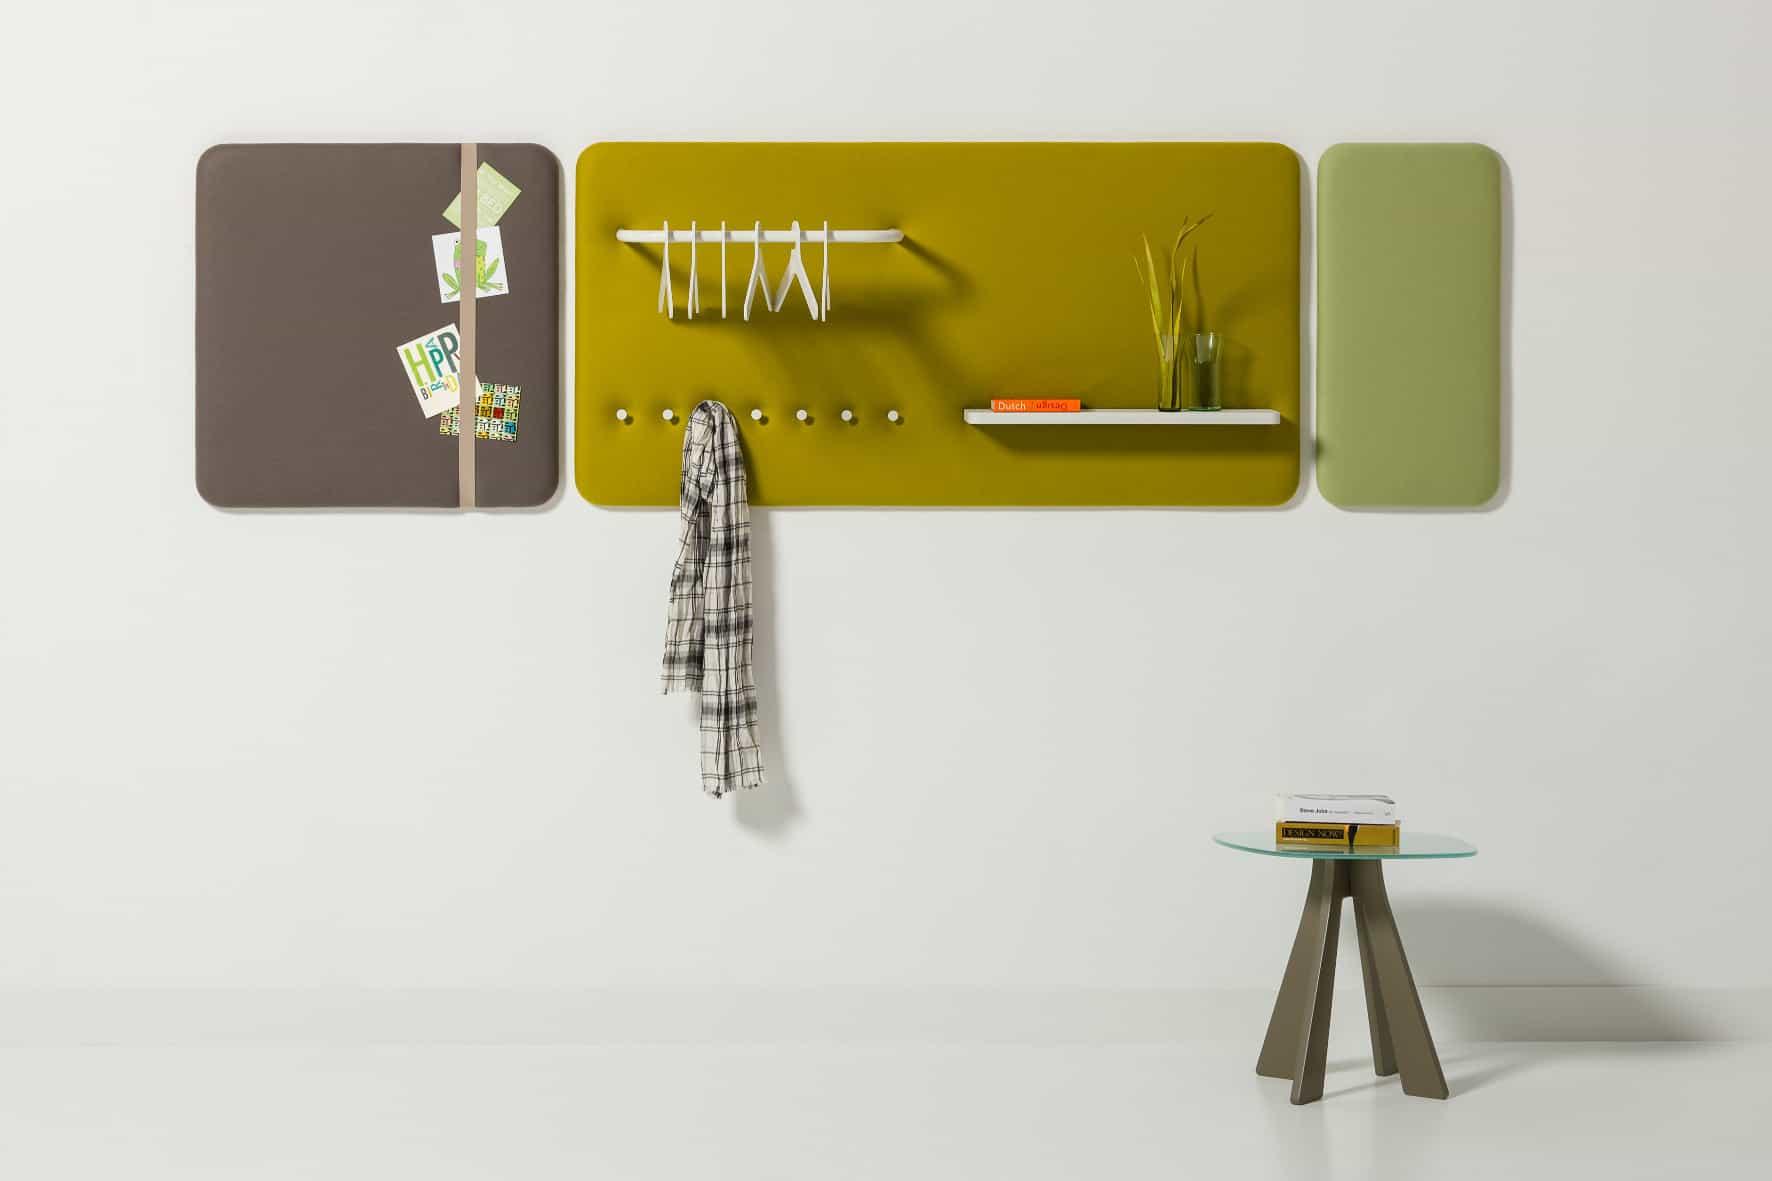 Informationszentrum / Wandpaneel / Zeitschriften / Prospekte / Garderobe